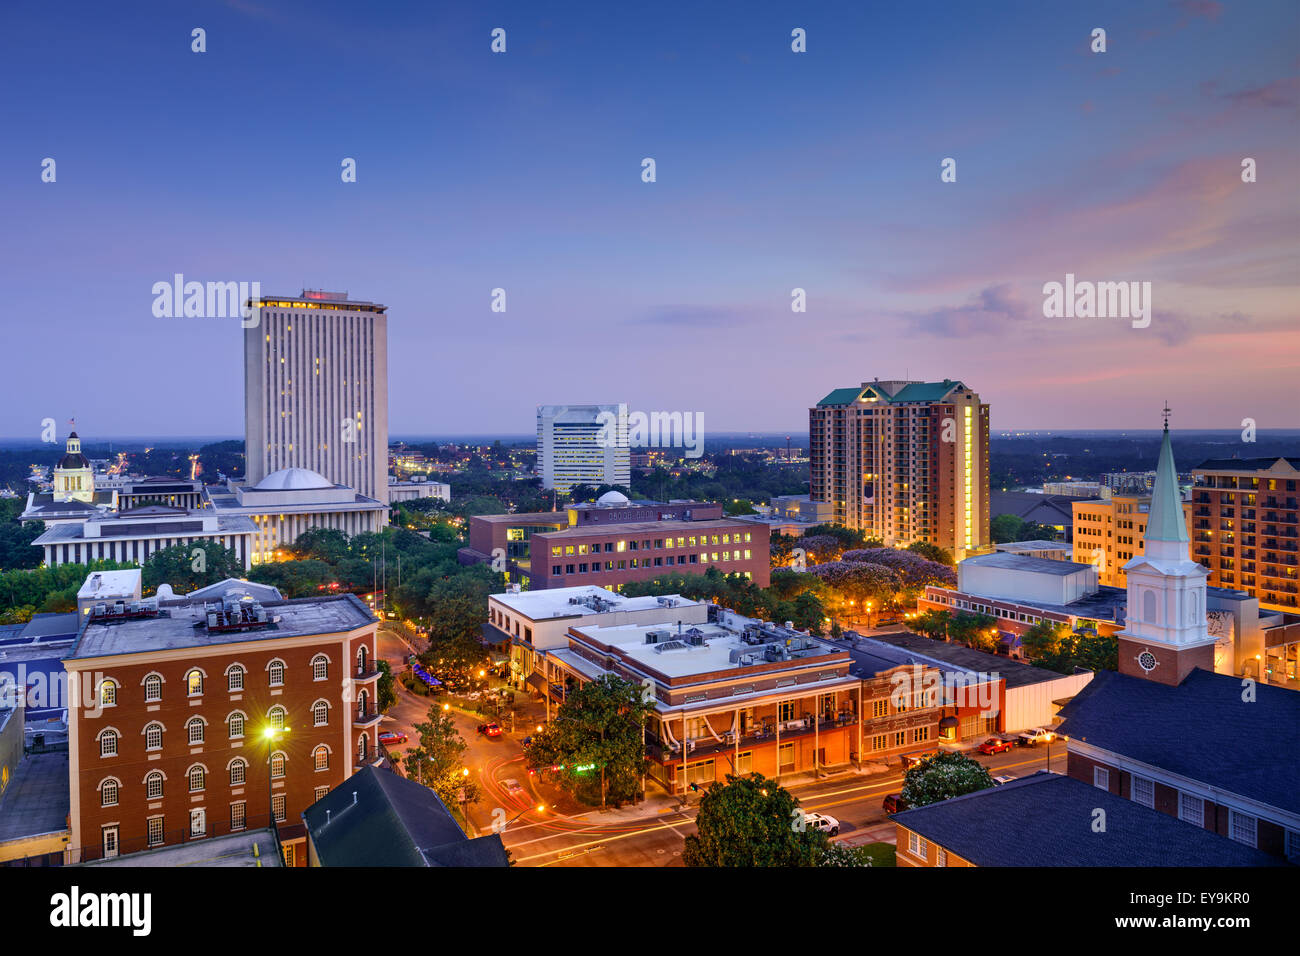 Tallahassee, Florida, USA downtown skyline. - Stock Image